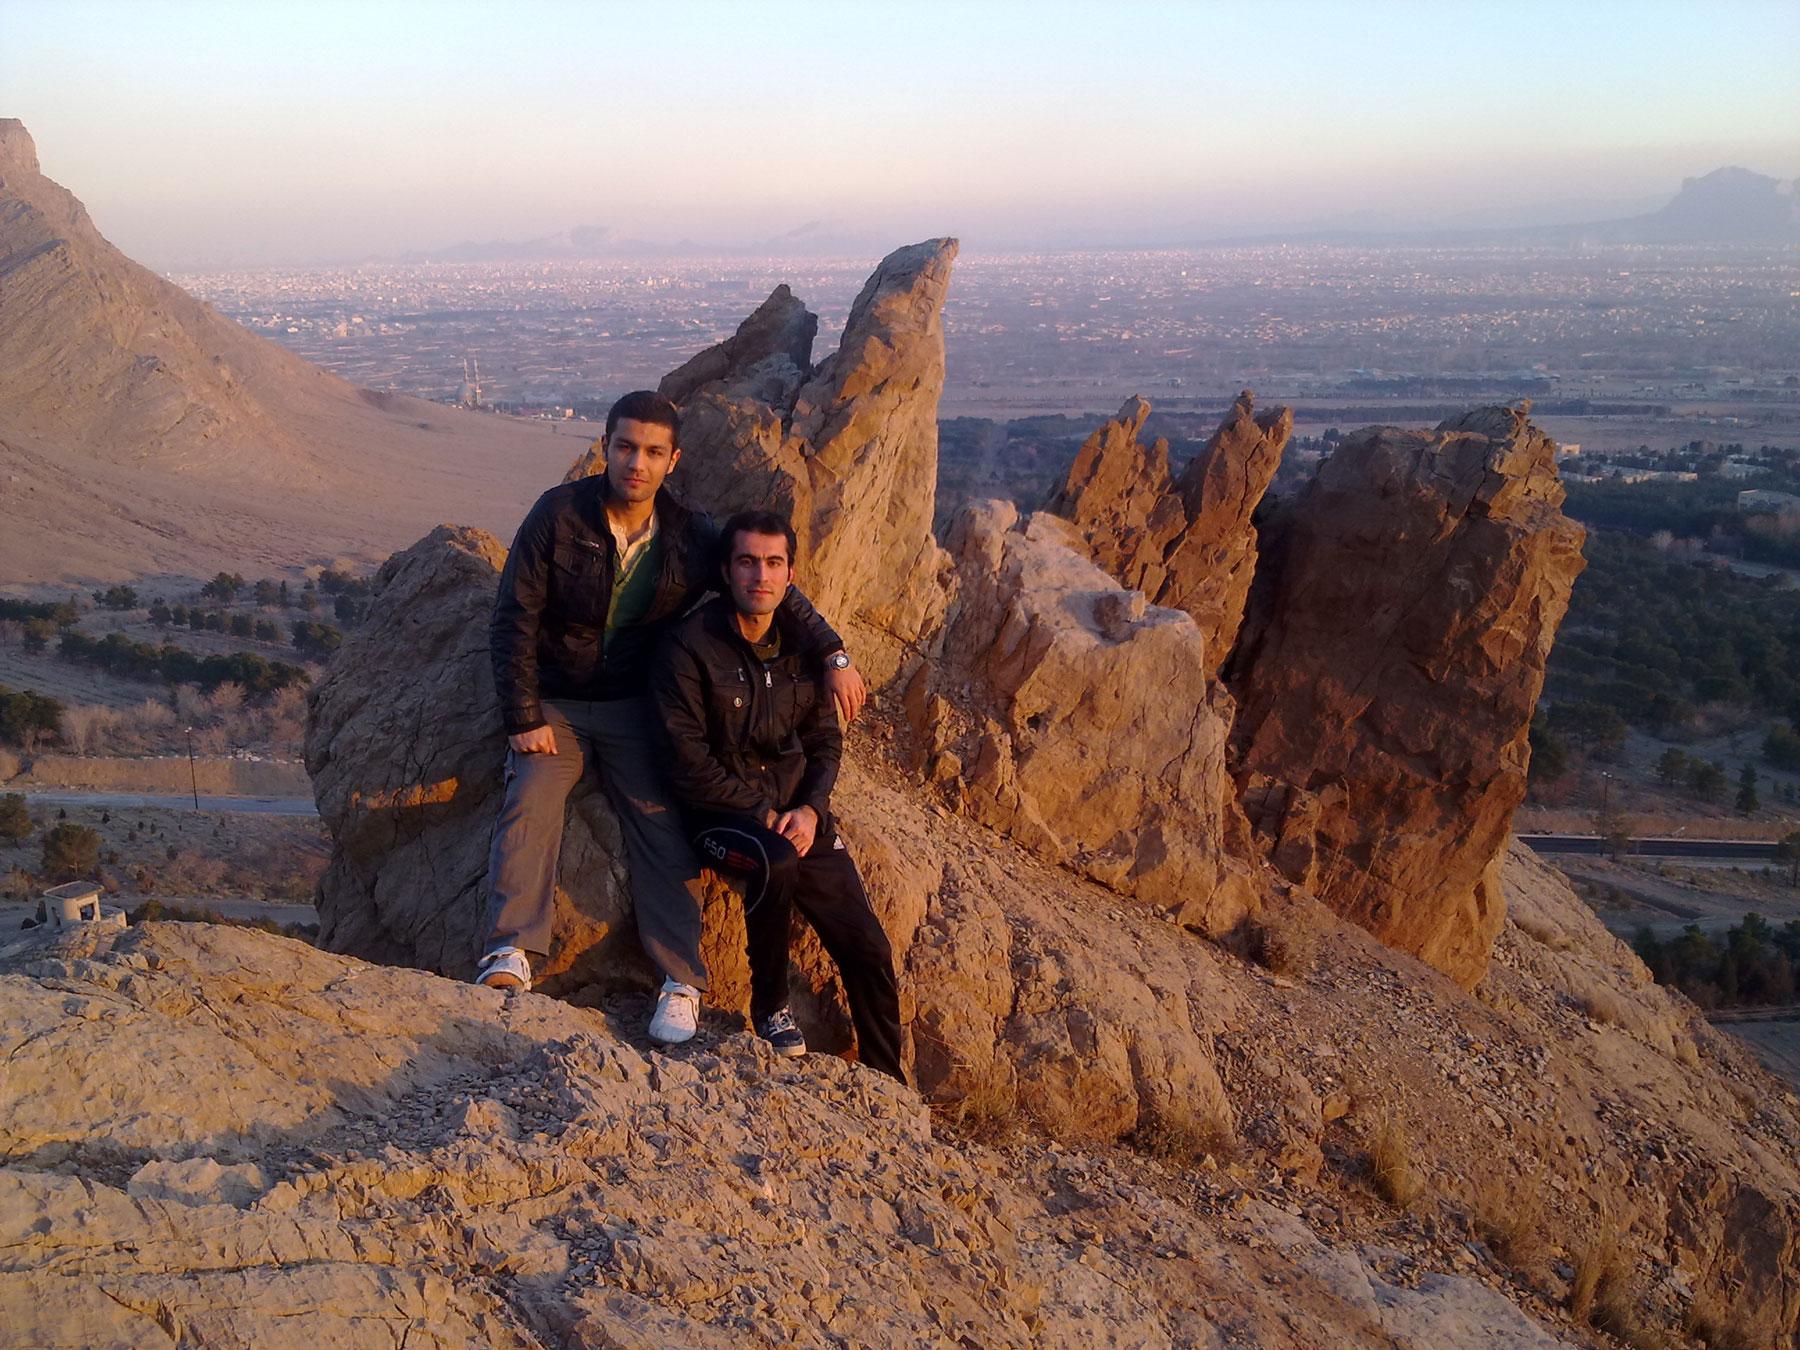 کوه دانشگاه صنعتی اصفهان